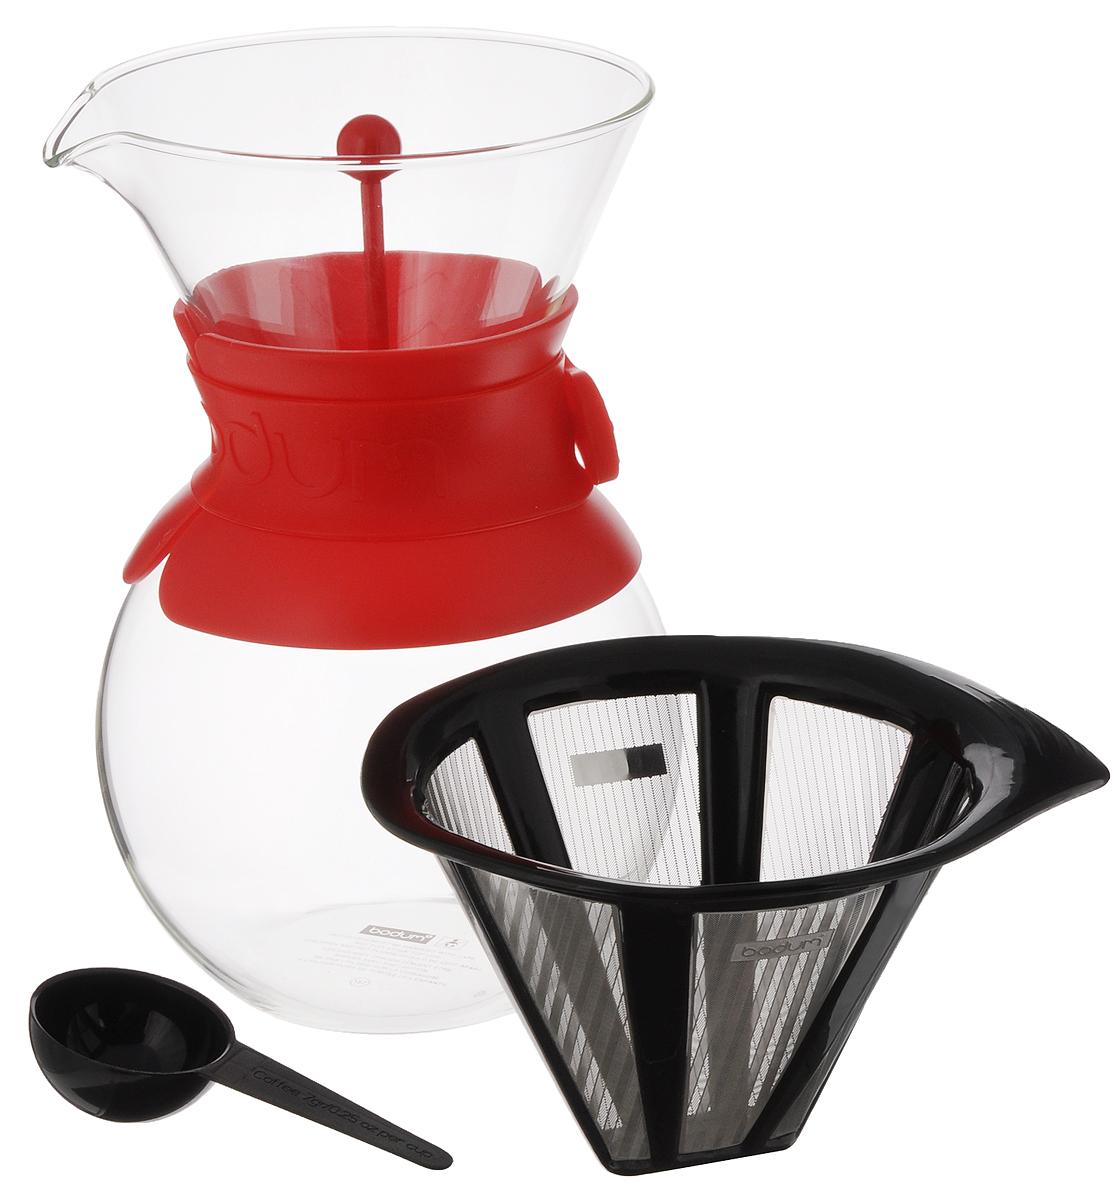 Кофейник Bodum Pour Over, с фильтром и мерной ложкой, цвет: прозрачный, красный, 1 л11571-294Кофейник с фильтром Bodum Pour Over предназначен для заваривания кофе. Изделие изготовлено из боросиликатного термостойкого стекла, снабжено специальной пластиковой вставкой с силиконовым ремешком, чтобы не обжечь руки. Фильтр выполнен из пластика с сеткой из коррозионностойкой стали. Кофейник очень прост в использовании. Заполните воронку молотым кофе, предназначенным для приготовления капельным способом. Медленно вливайте горячую воду, дайте воде просочиться сквозь кофе, готовый кофе будет капать в емкость. В комплекте предусмотрена специальная мерная ложечка на 7 грамм кофе. Диаметр емкости (по верхнему краю): 12 см. Высота емкости (без учета крышки): 21 см. Размер фильтра: 17 х 13,5 х 10 см.Длина ложки: 10 см.